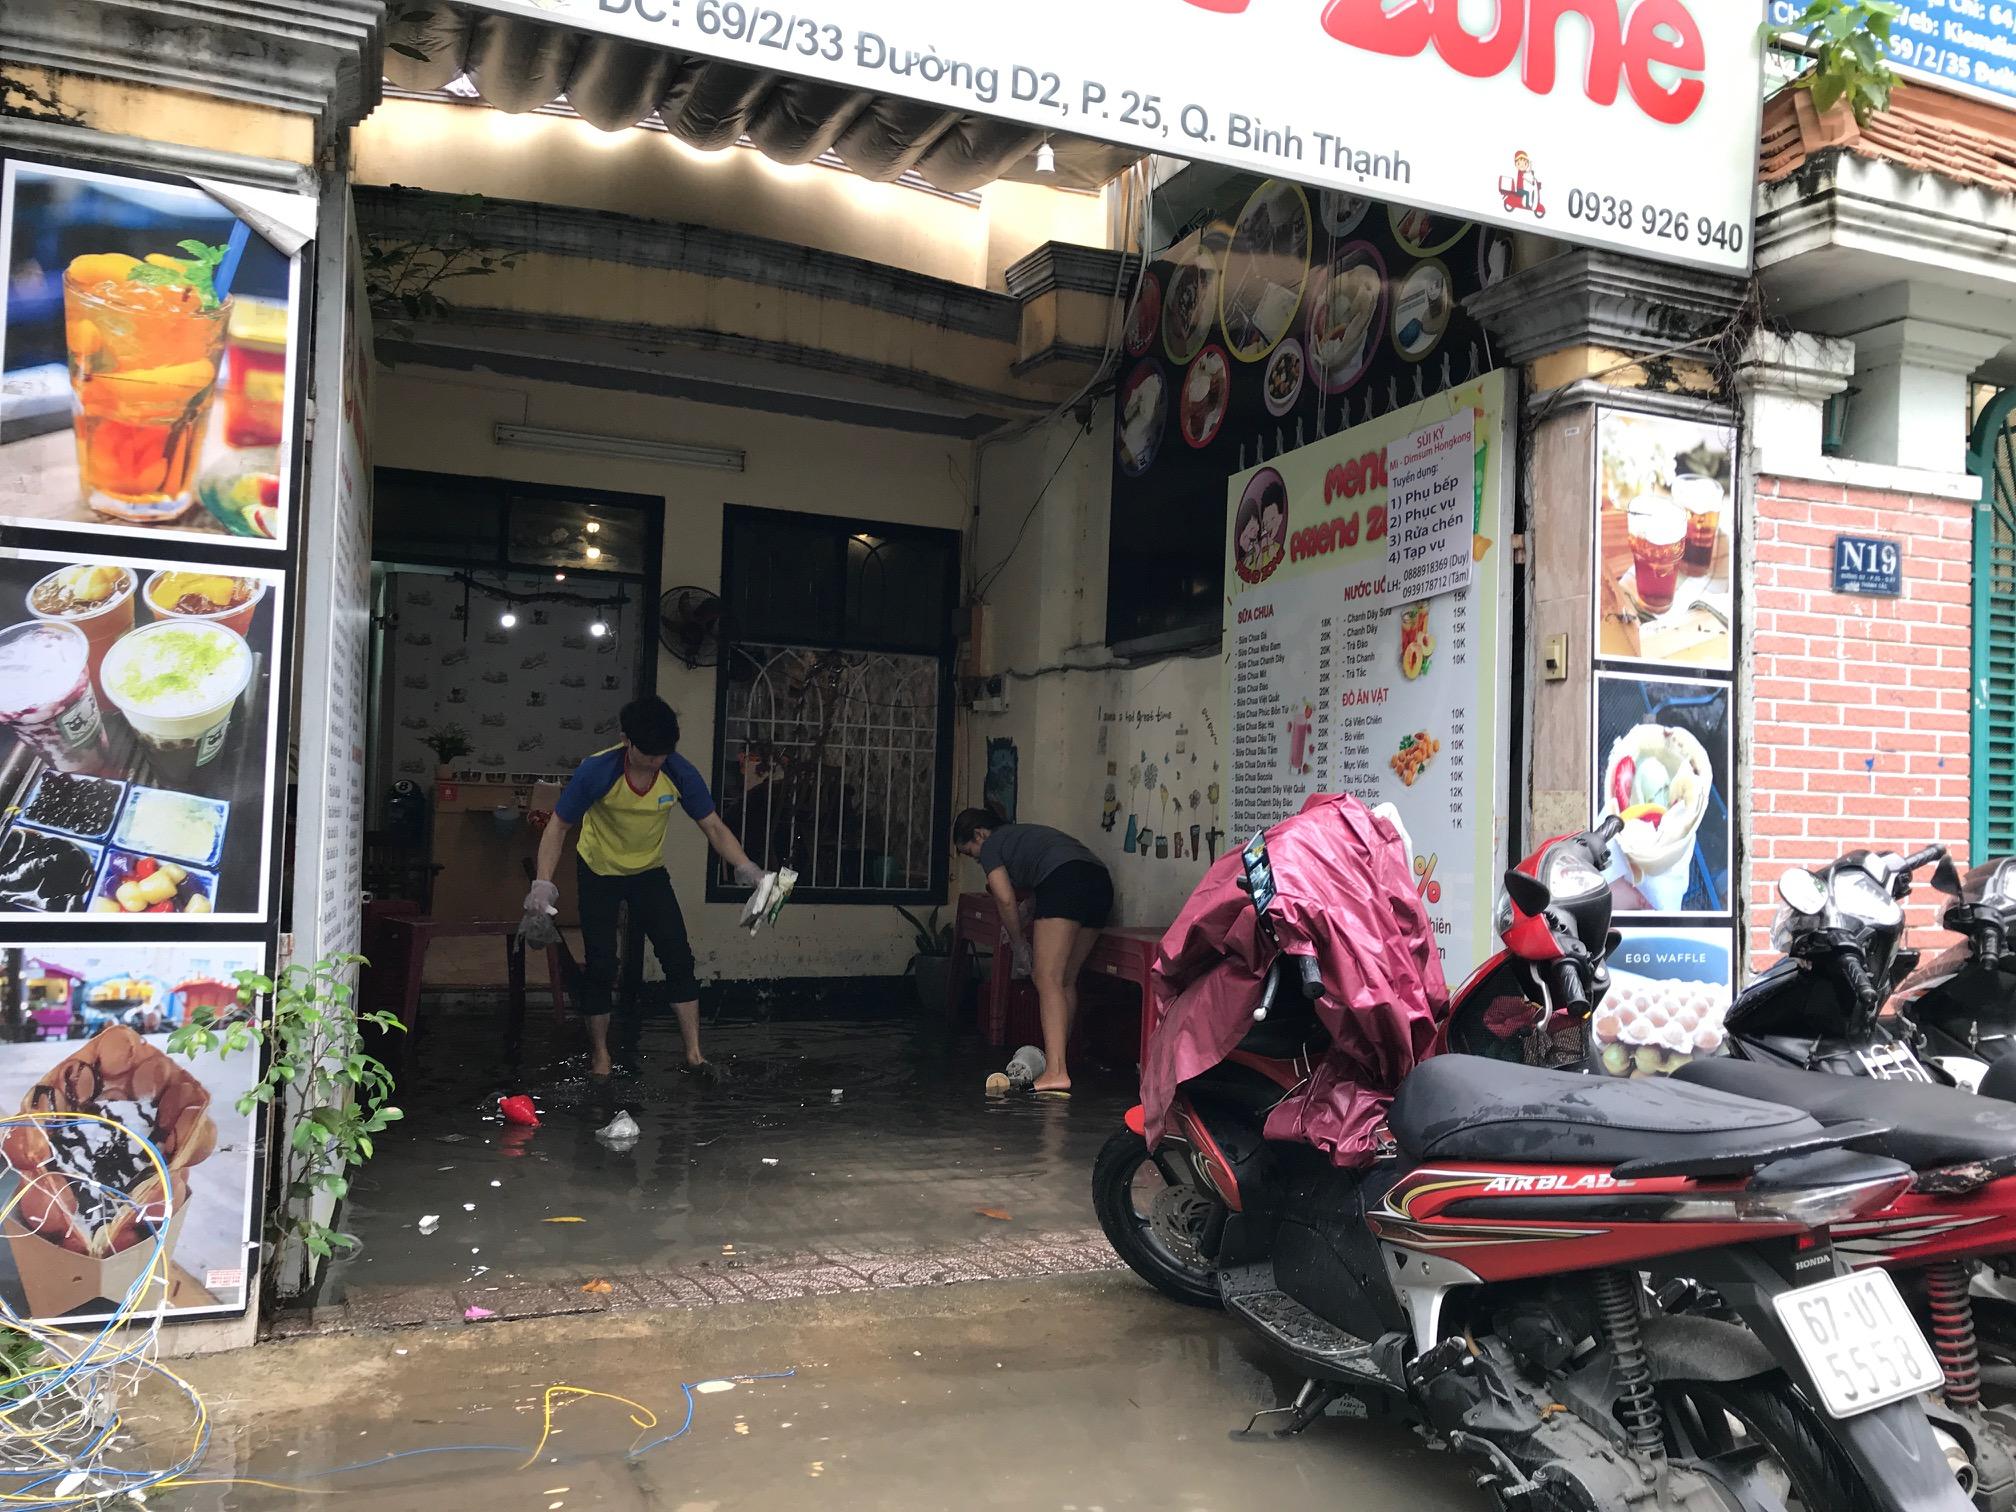 TPHCM ngập, giao thông ùn ứ sau cơn mưa kéo dài do ảnh hưởng bão số 9 ảnh 12